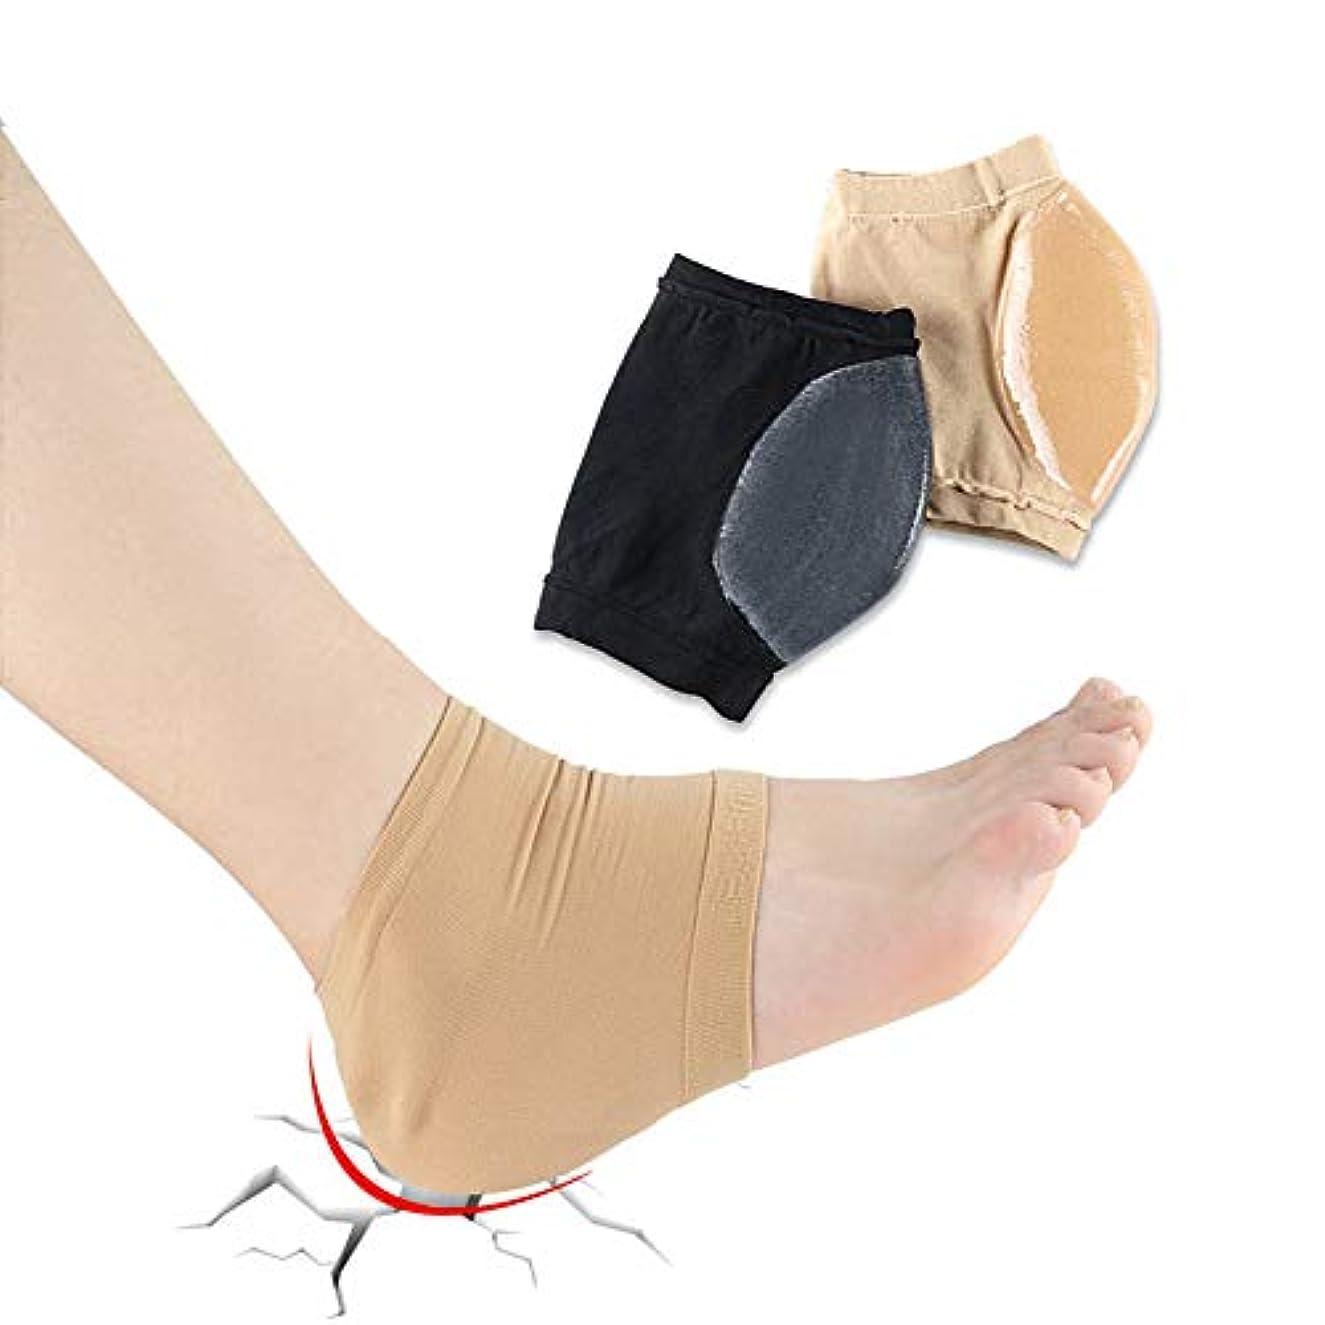 ビジュアルシャワー批判する伸縮性のある足スリーブ、ジェルパッド衝撃吸収性ヒール付きソックス、かかとを保護するためのかかとを保護するかかとユニセックス(2ペア),Flesh,M